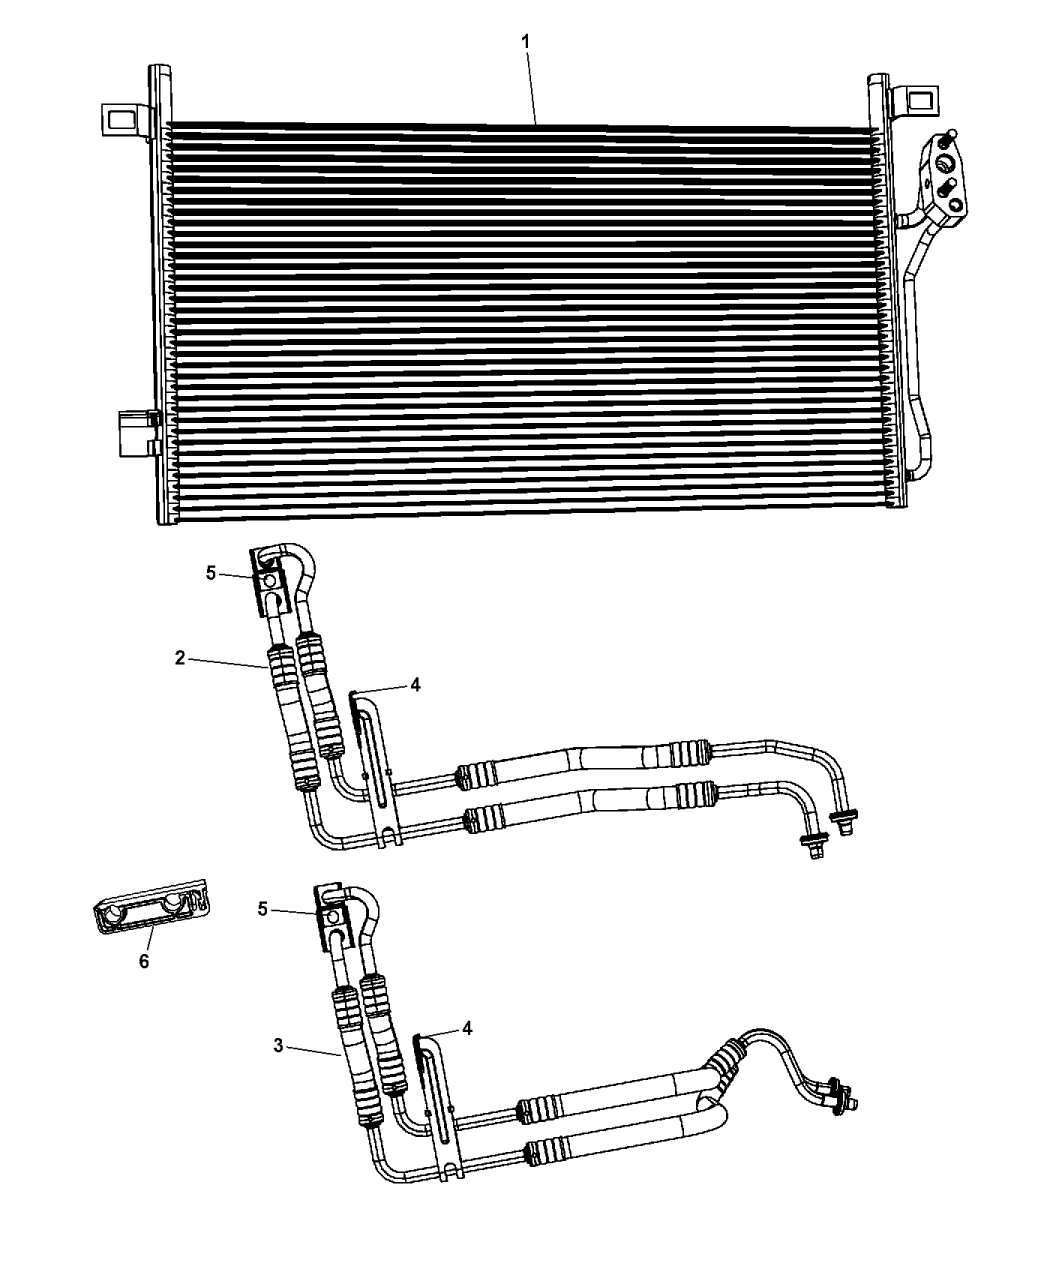 dodge journey engine cooling diagram wiring library. Black Bedroom Furniture Sets. Home Design Ideas